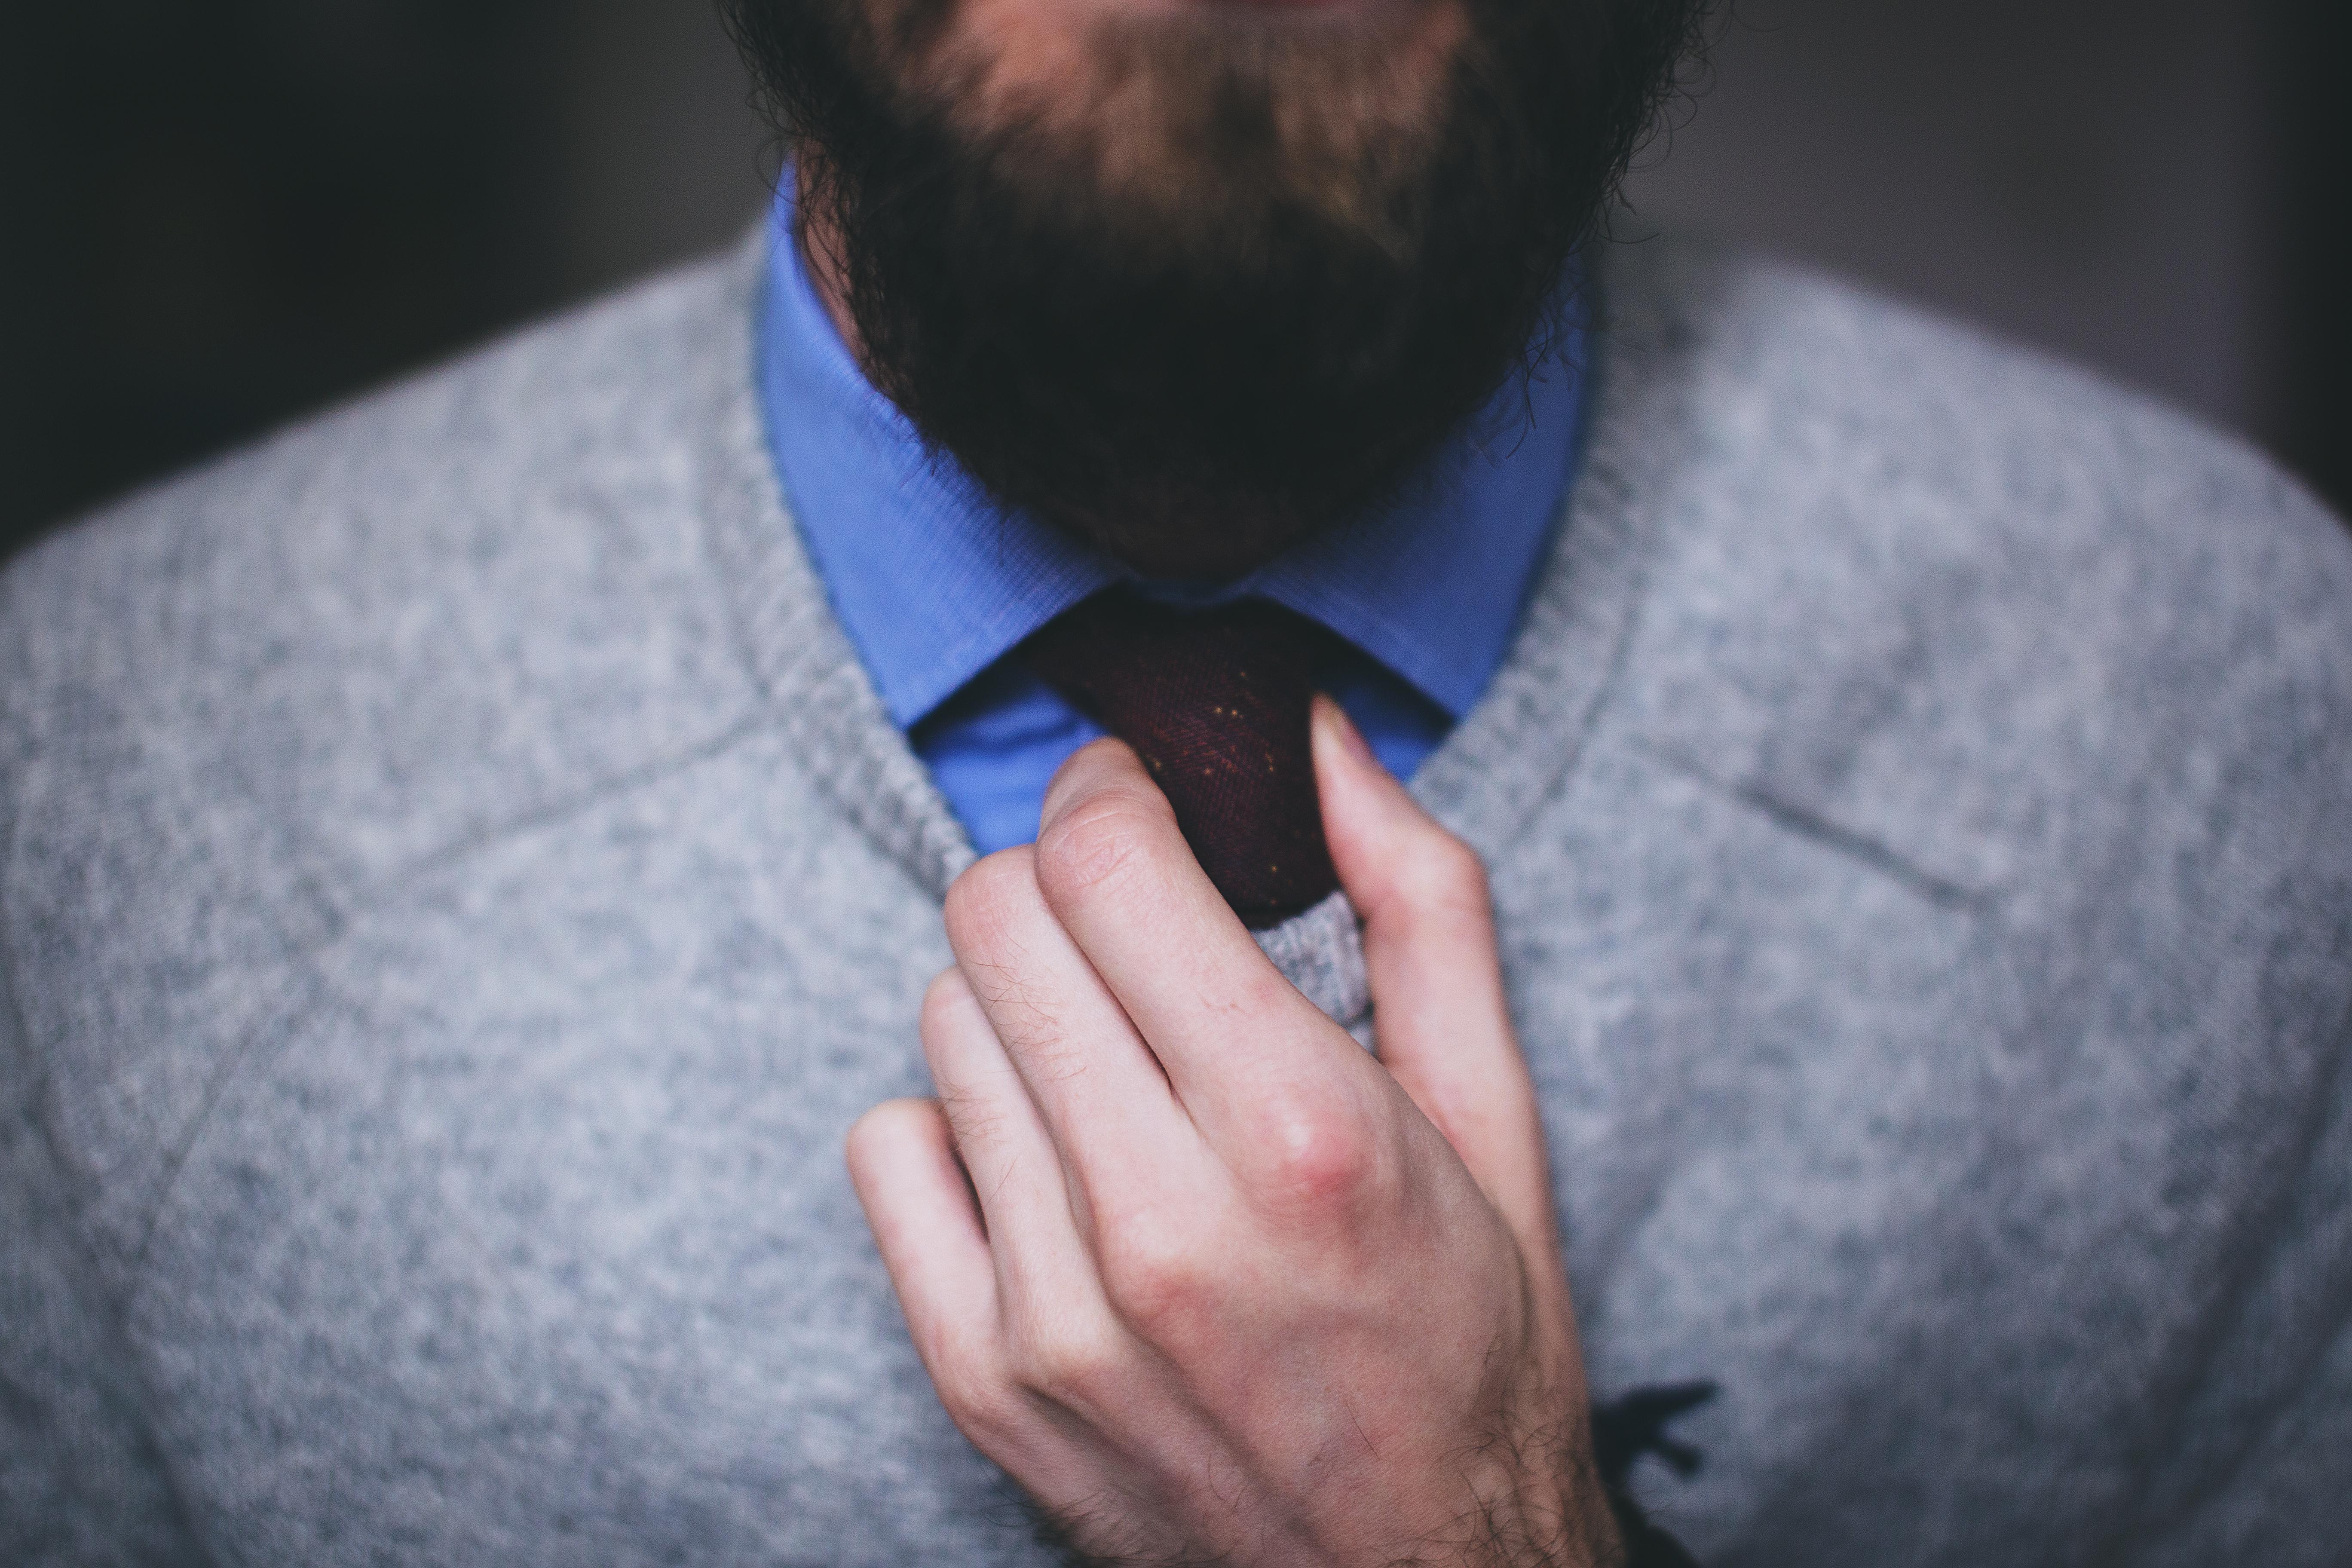 Man Wearing Gray Top Fixing Red Necktie